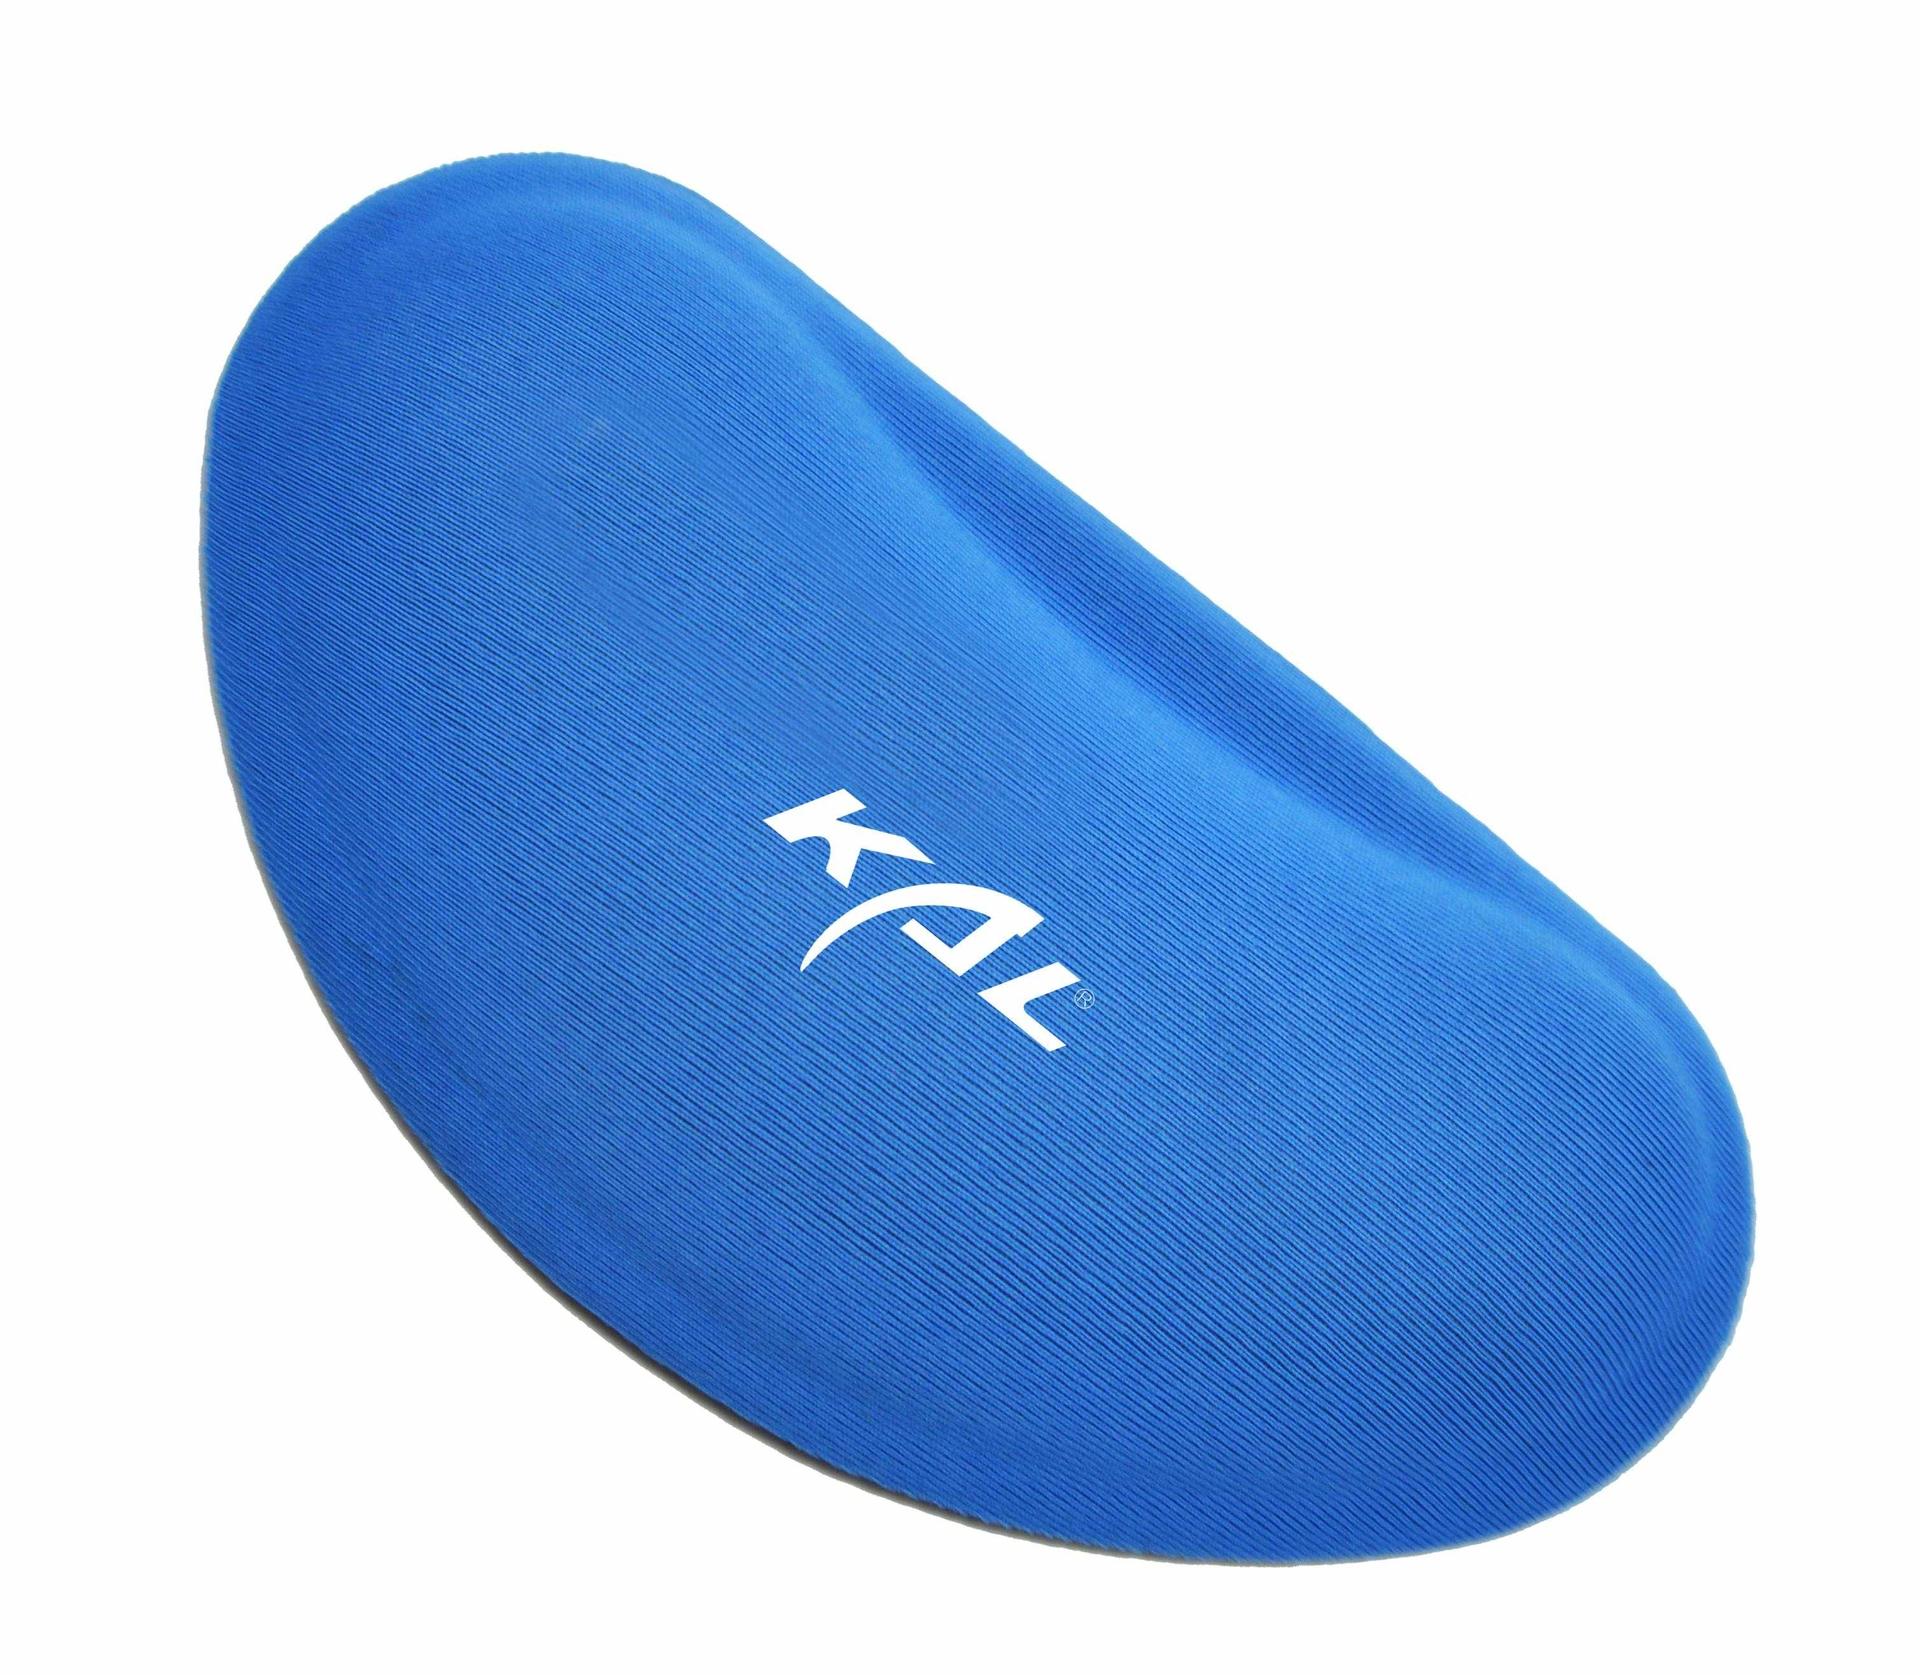 KLH-3025  PU cloth wrist pad